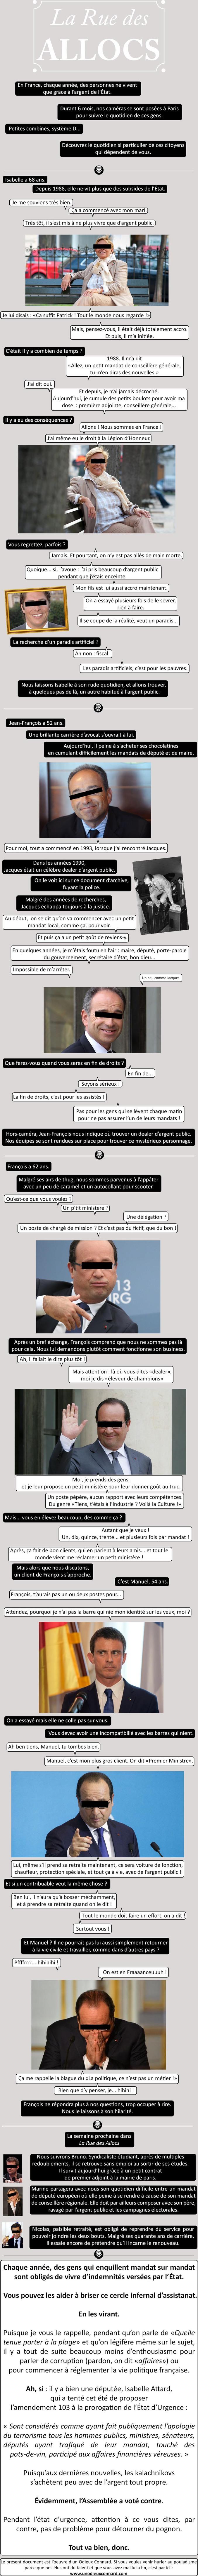 Rue des Allocs : Episode - Les politiques 01